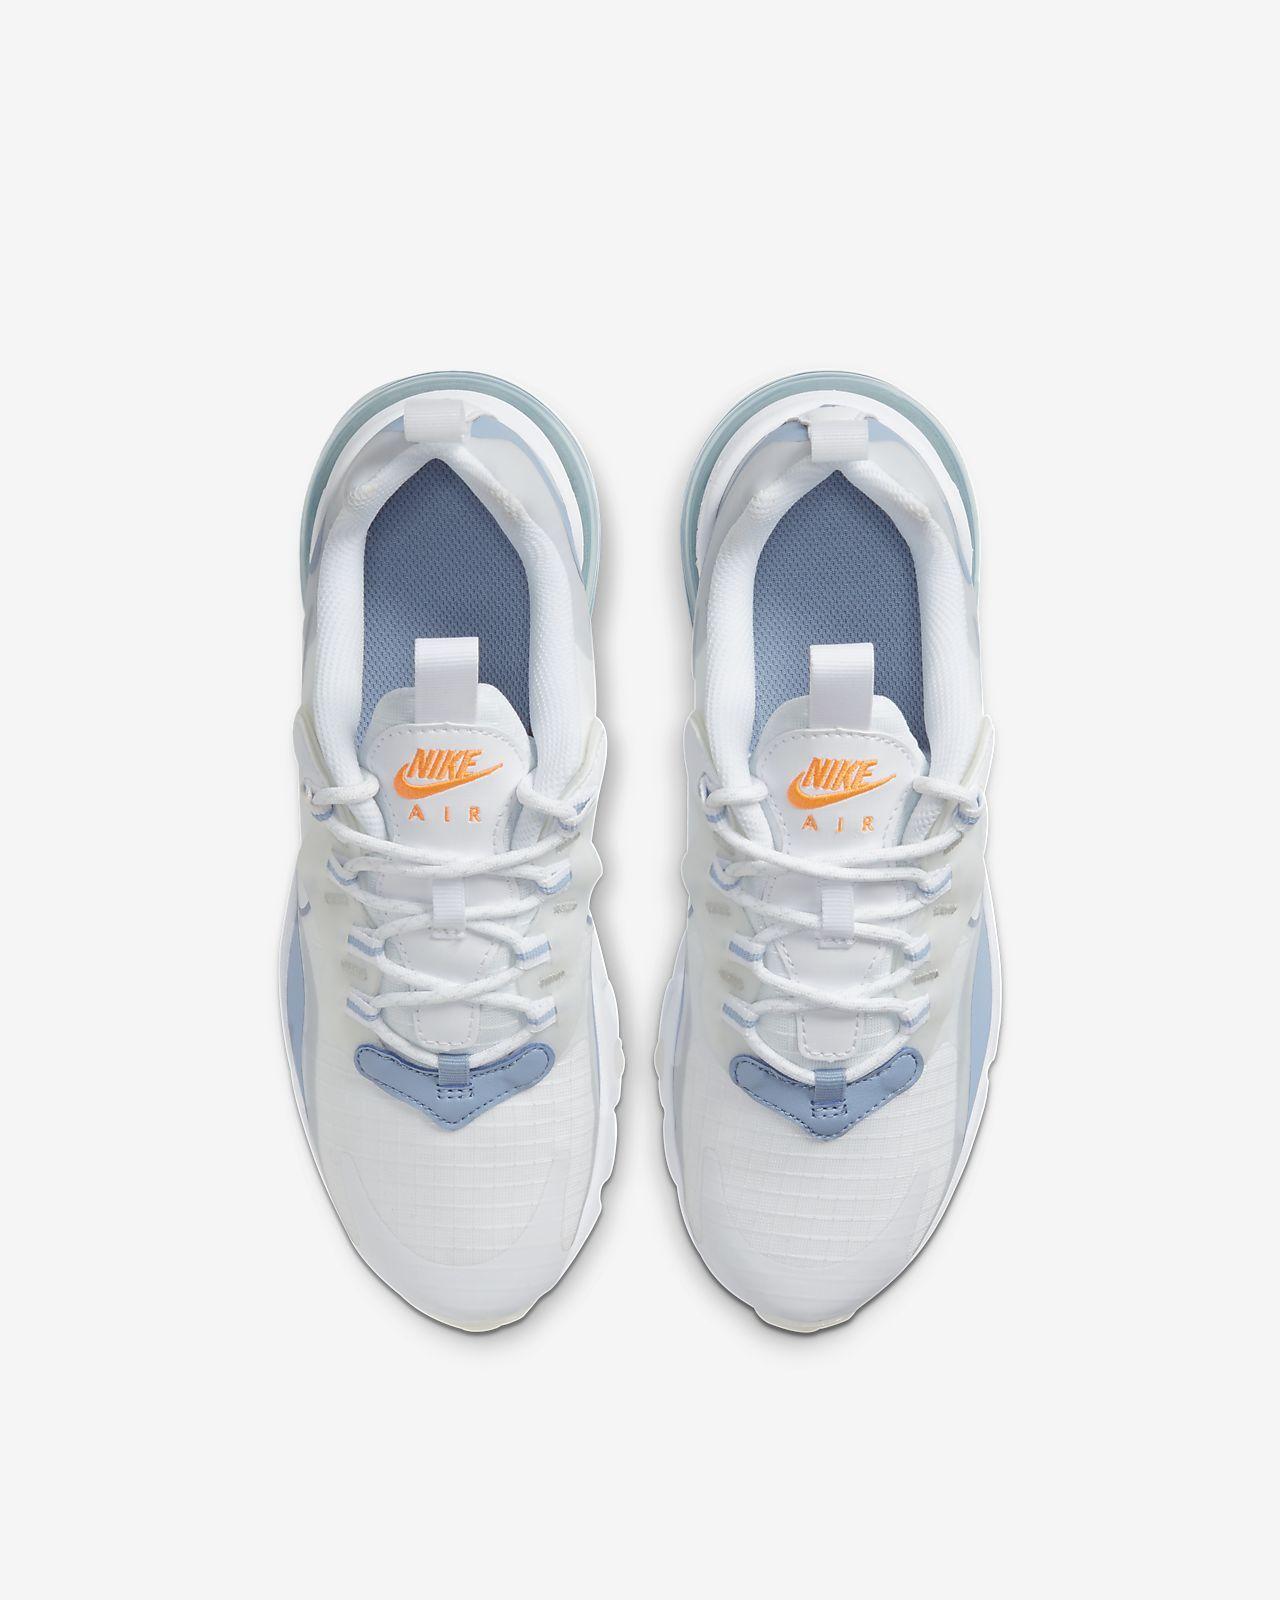 Nike Air Max 270 React Big Kids Shoe Nike Com In 2021 Kids Shoes Sneakers Men Fashion Nike Air Shoes